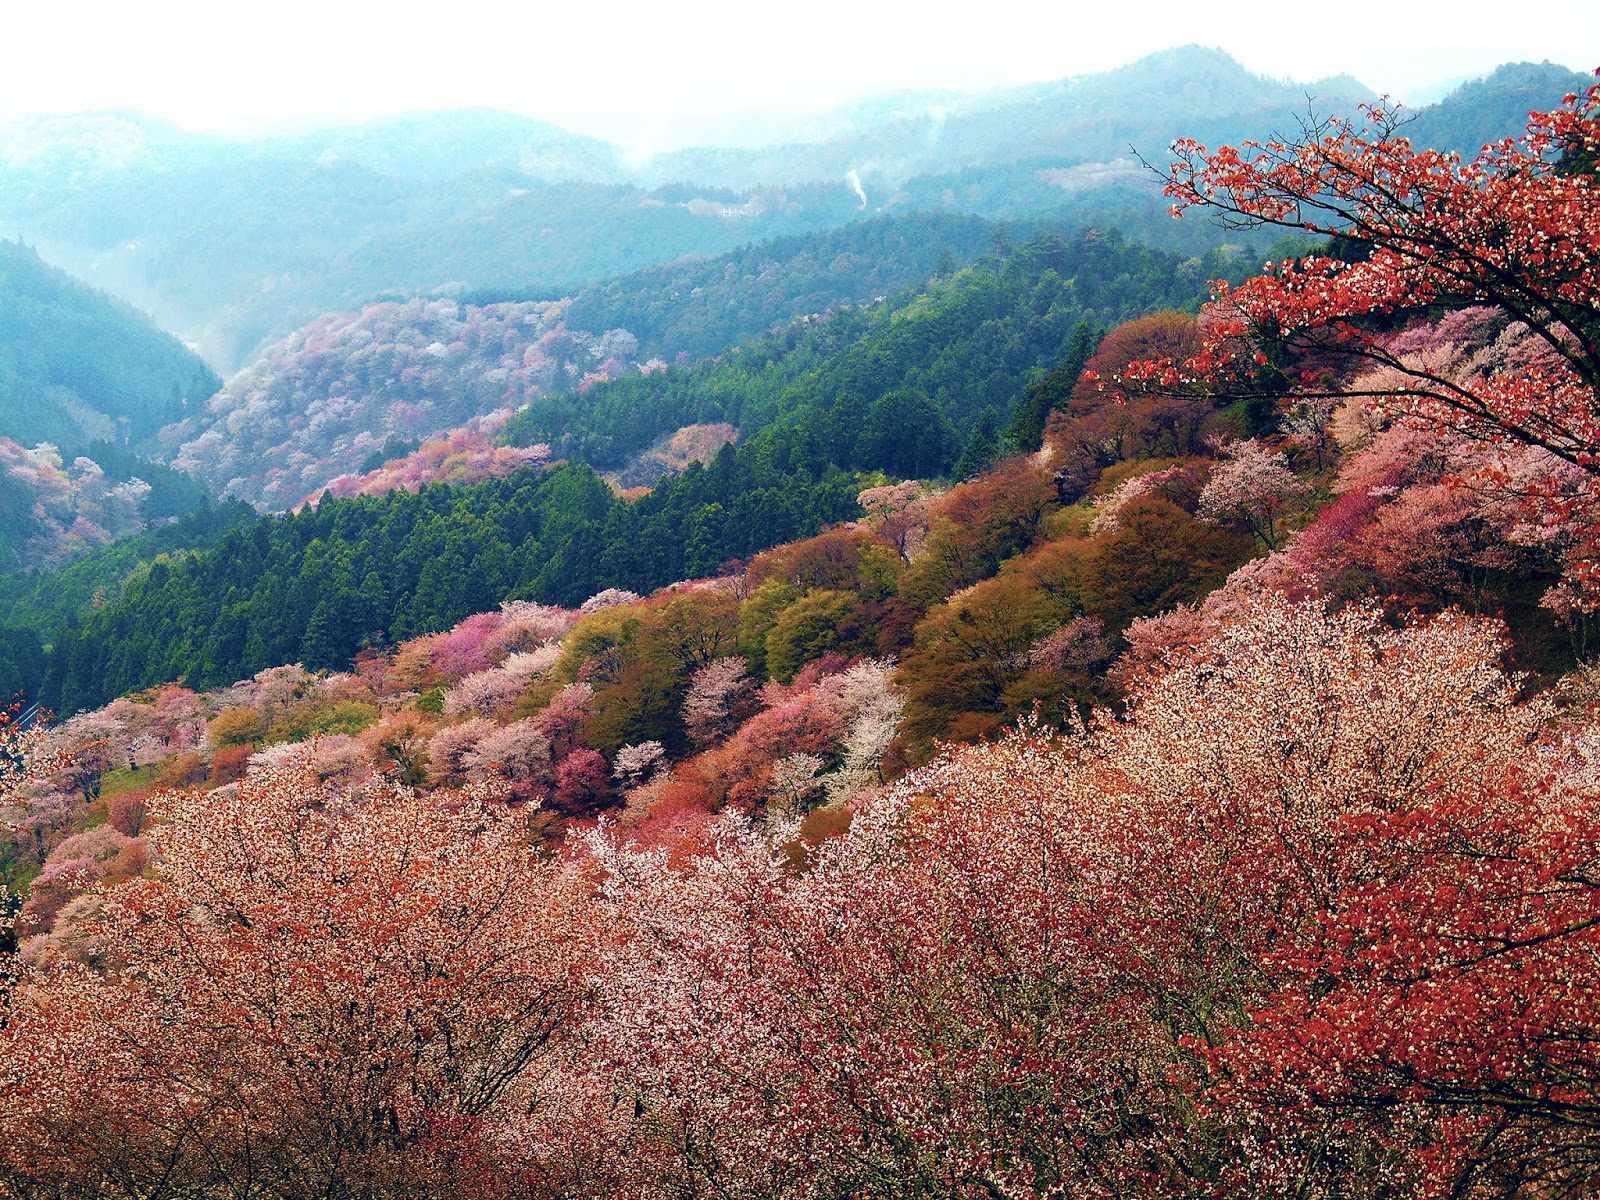 Trong tour châu Á đến Nhật Bản, bạn hãy nhớ ghé thăm núi Yoshino nhé.